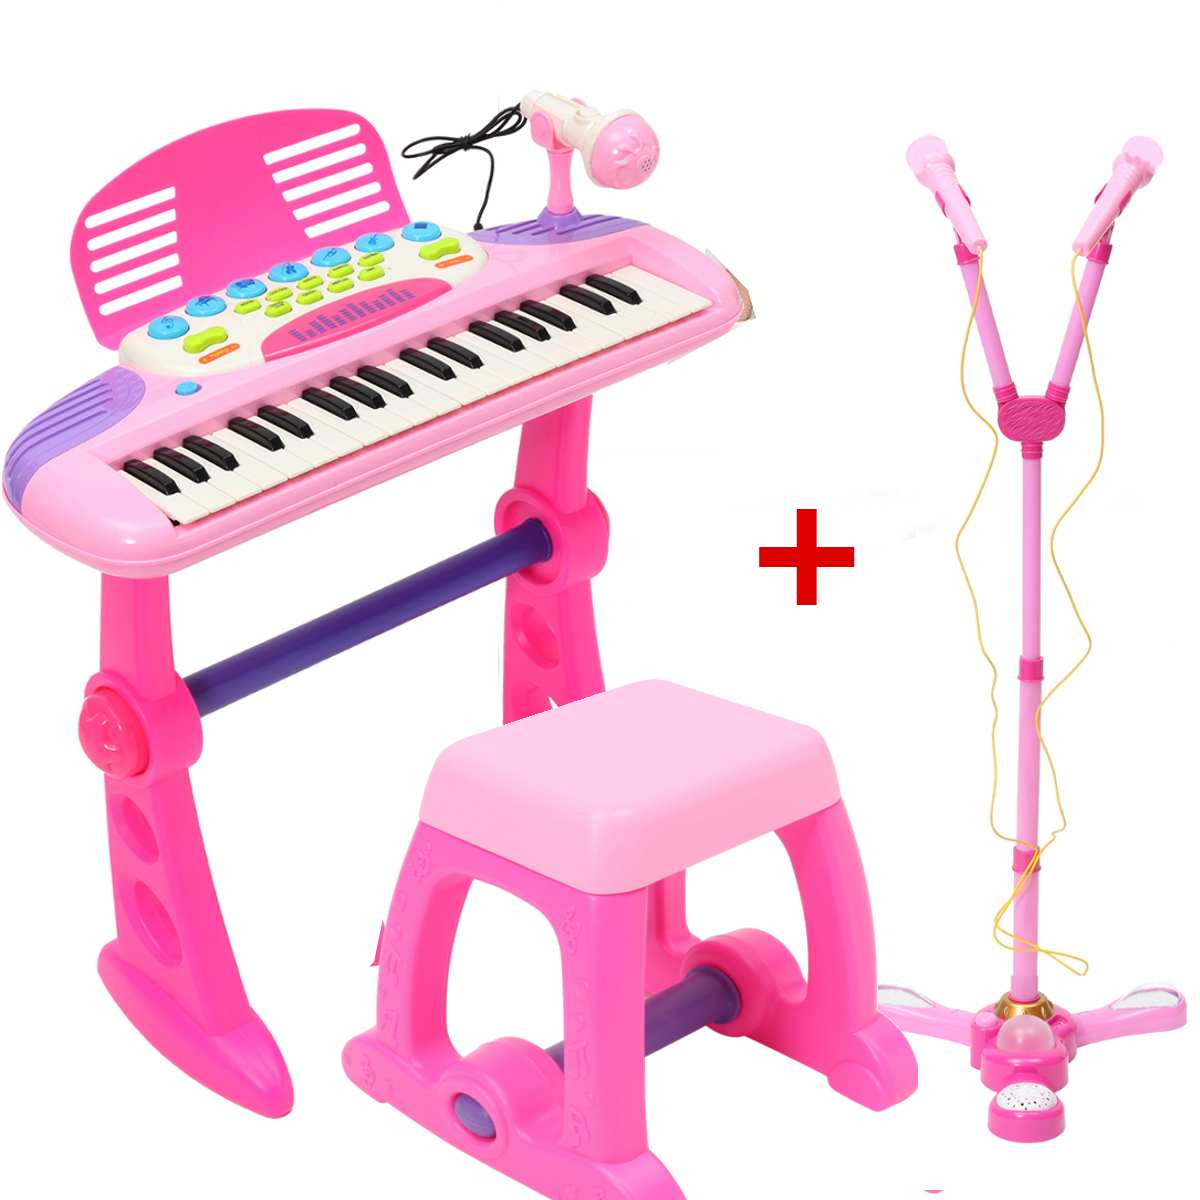 Rose 37 clés enfants clavier électronique Piano orgue jouet Microphone musique jouer enfants jouet éducatif cadeau pour enfants